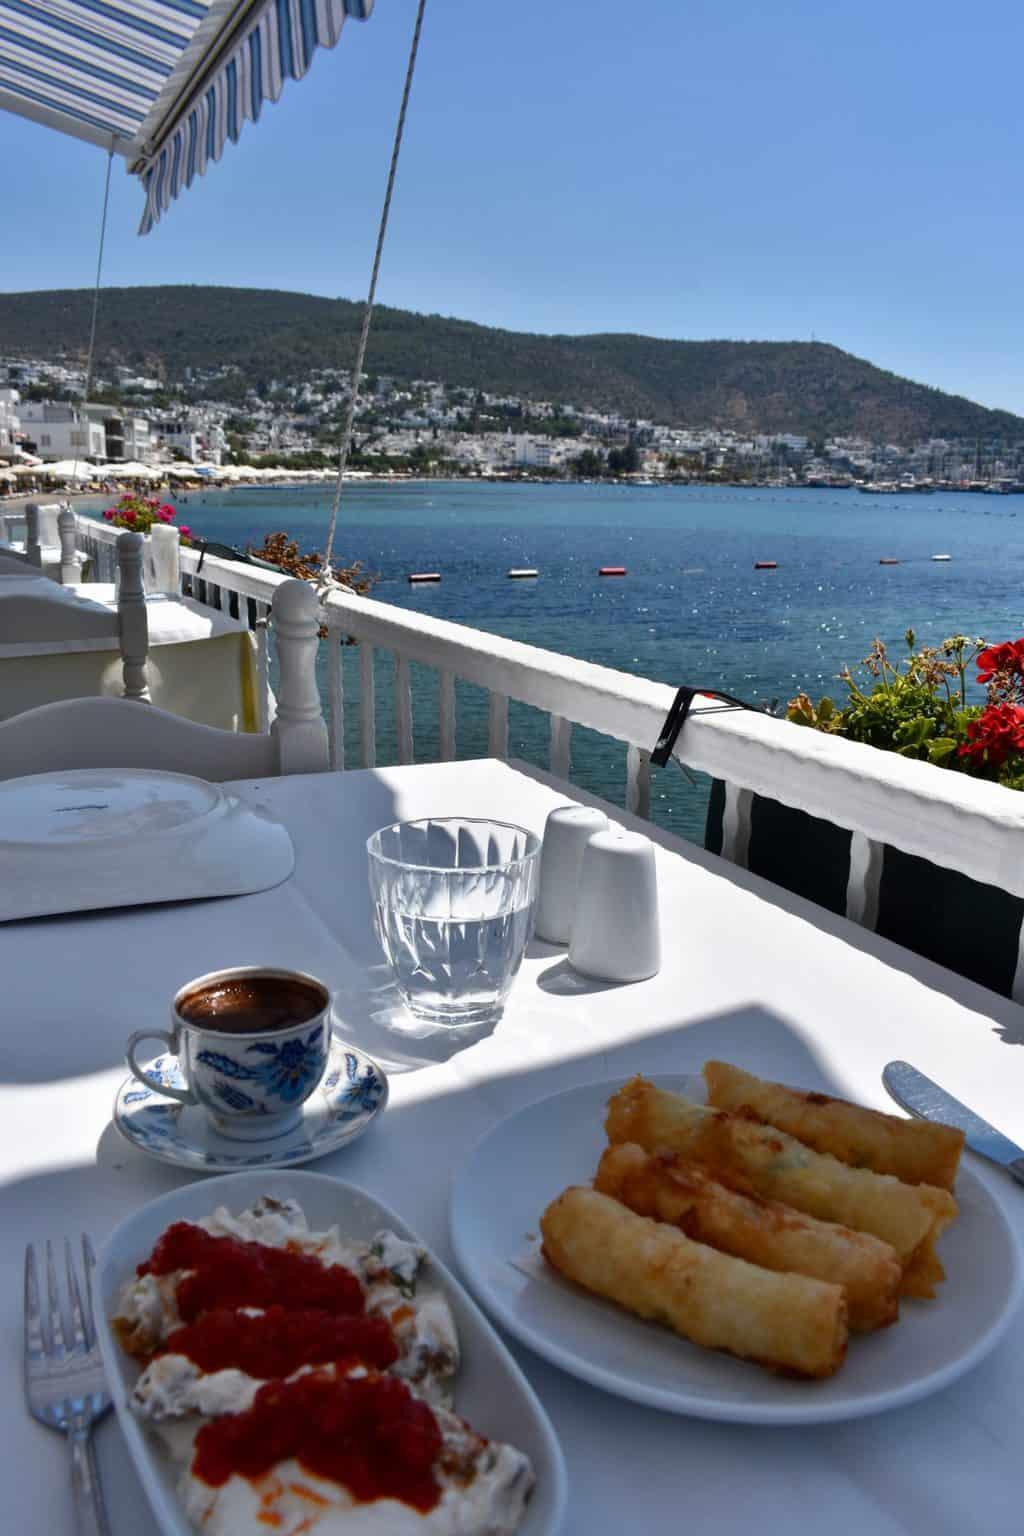 Turkish cuisine in Bodrum